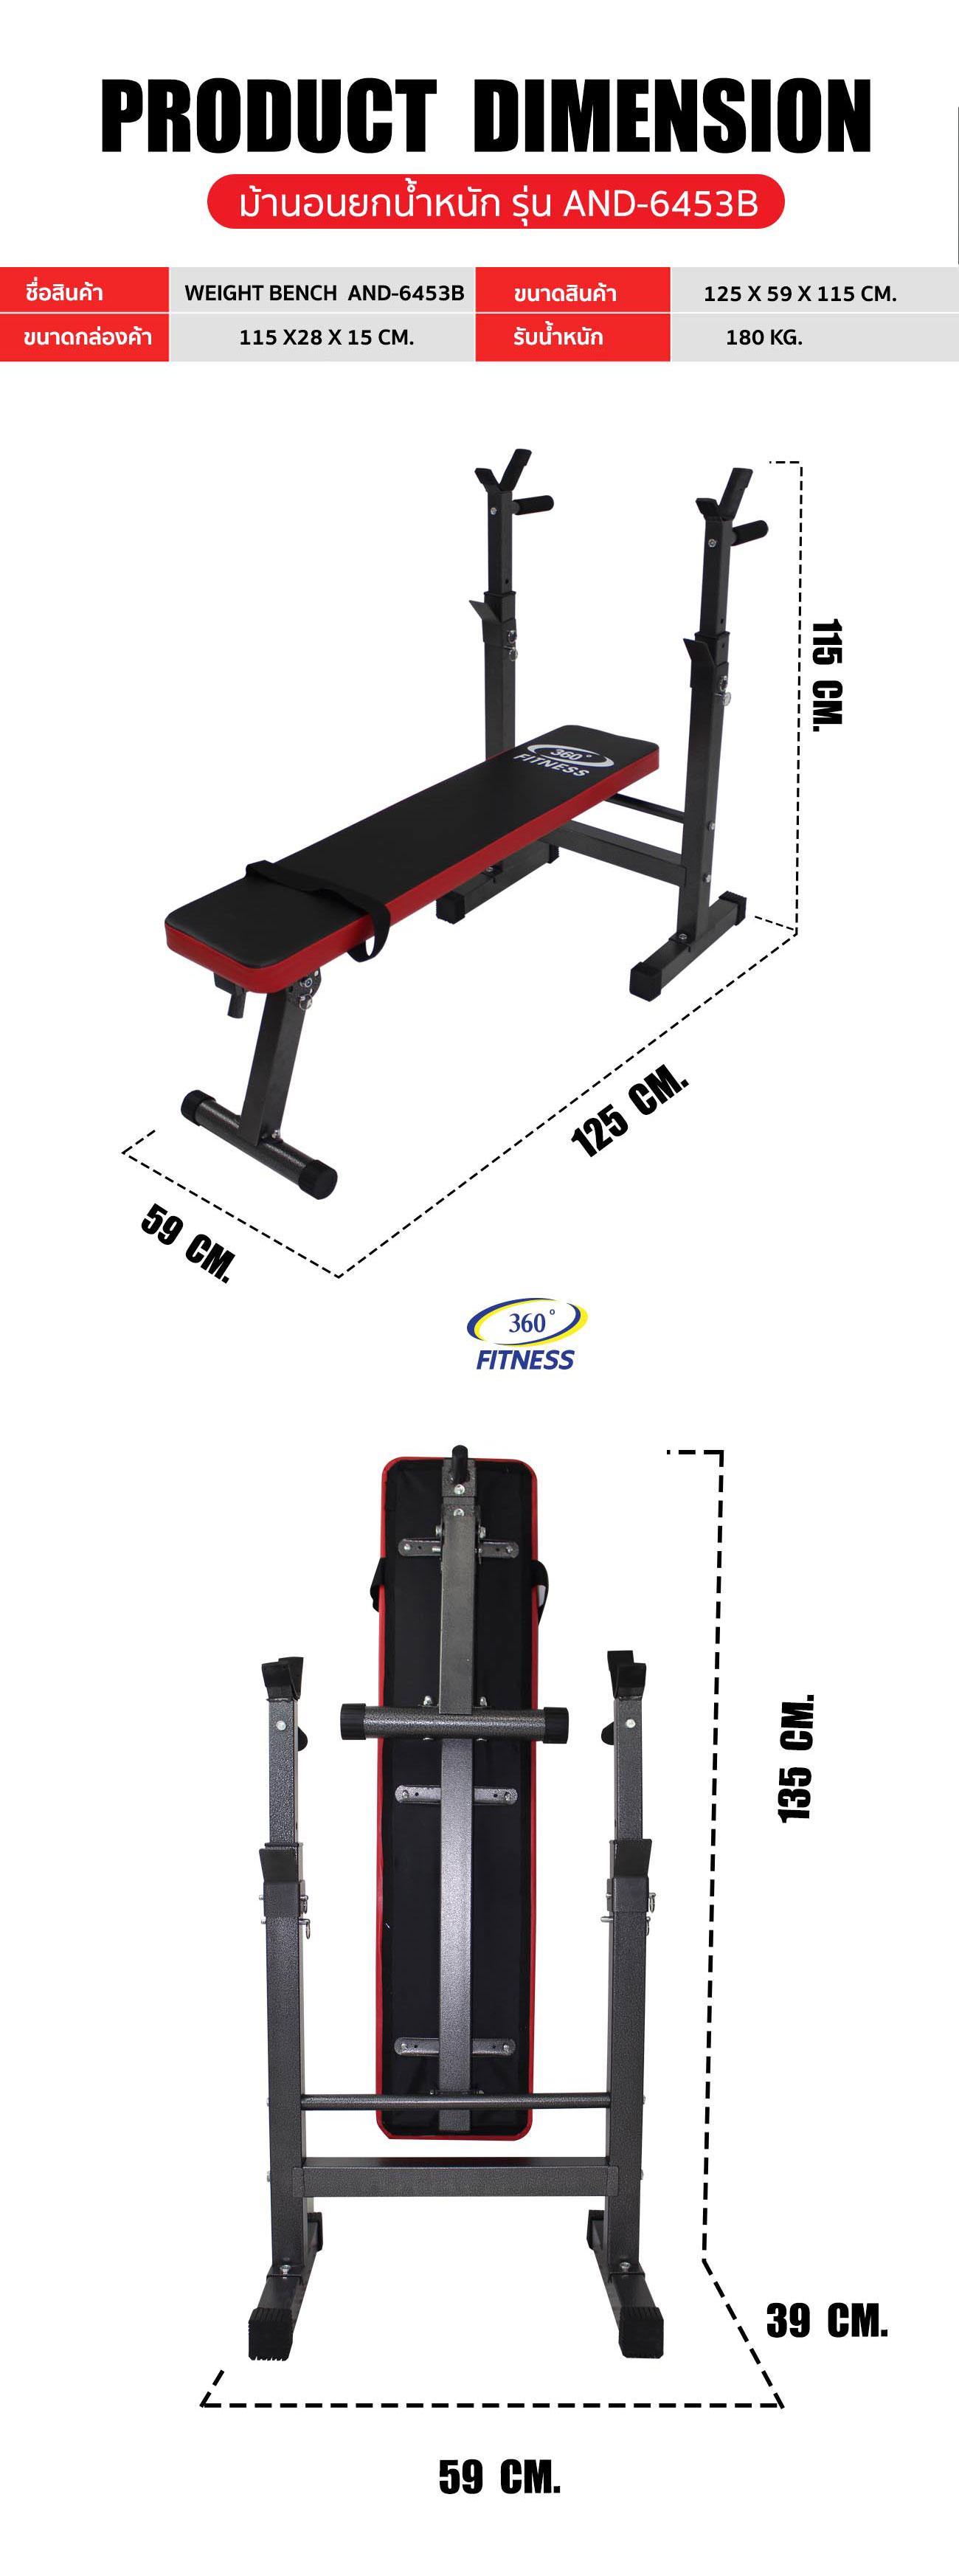 ม้านอนยกน้ำหนักปรับระดับได้ 360องศา ฟิตเนส รุ่น AND-6453B